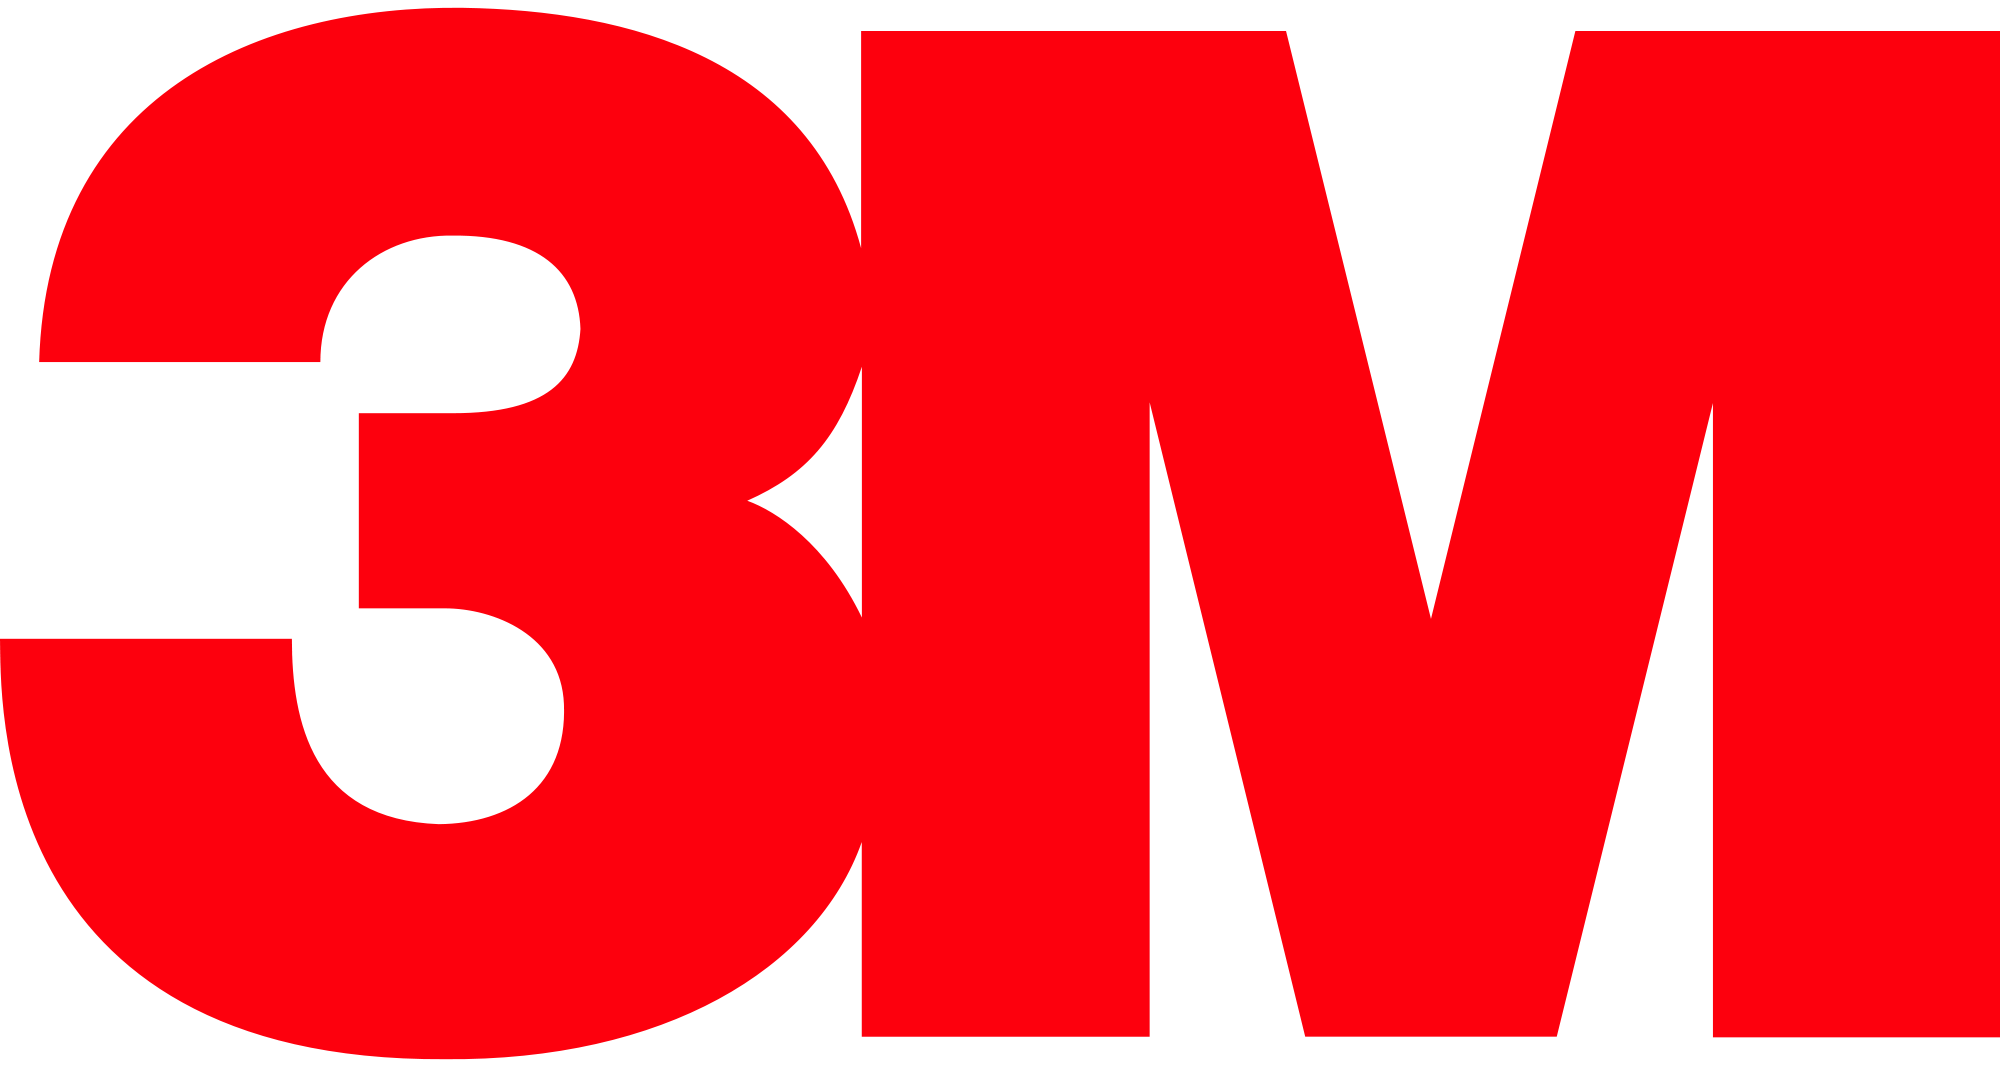 3m logo - 3M Logo